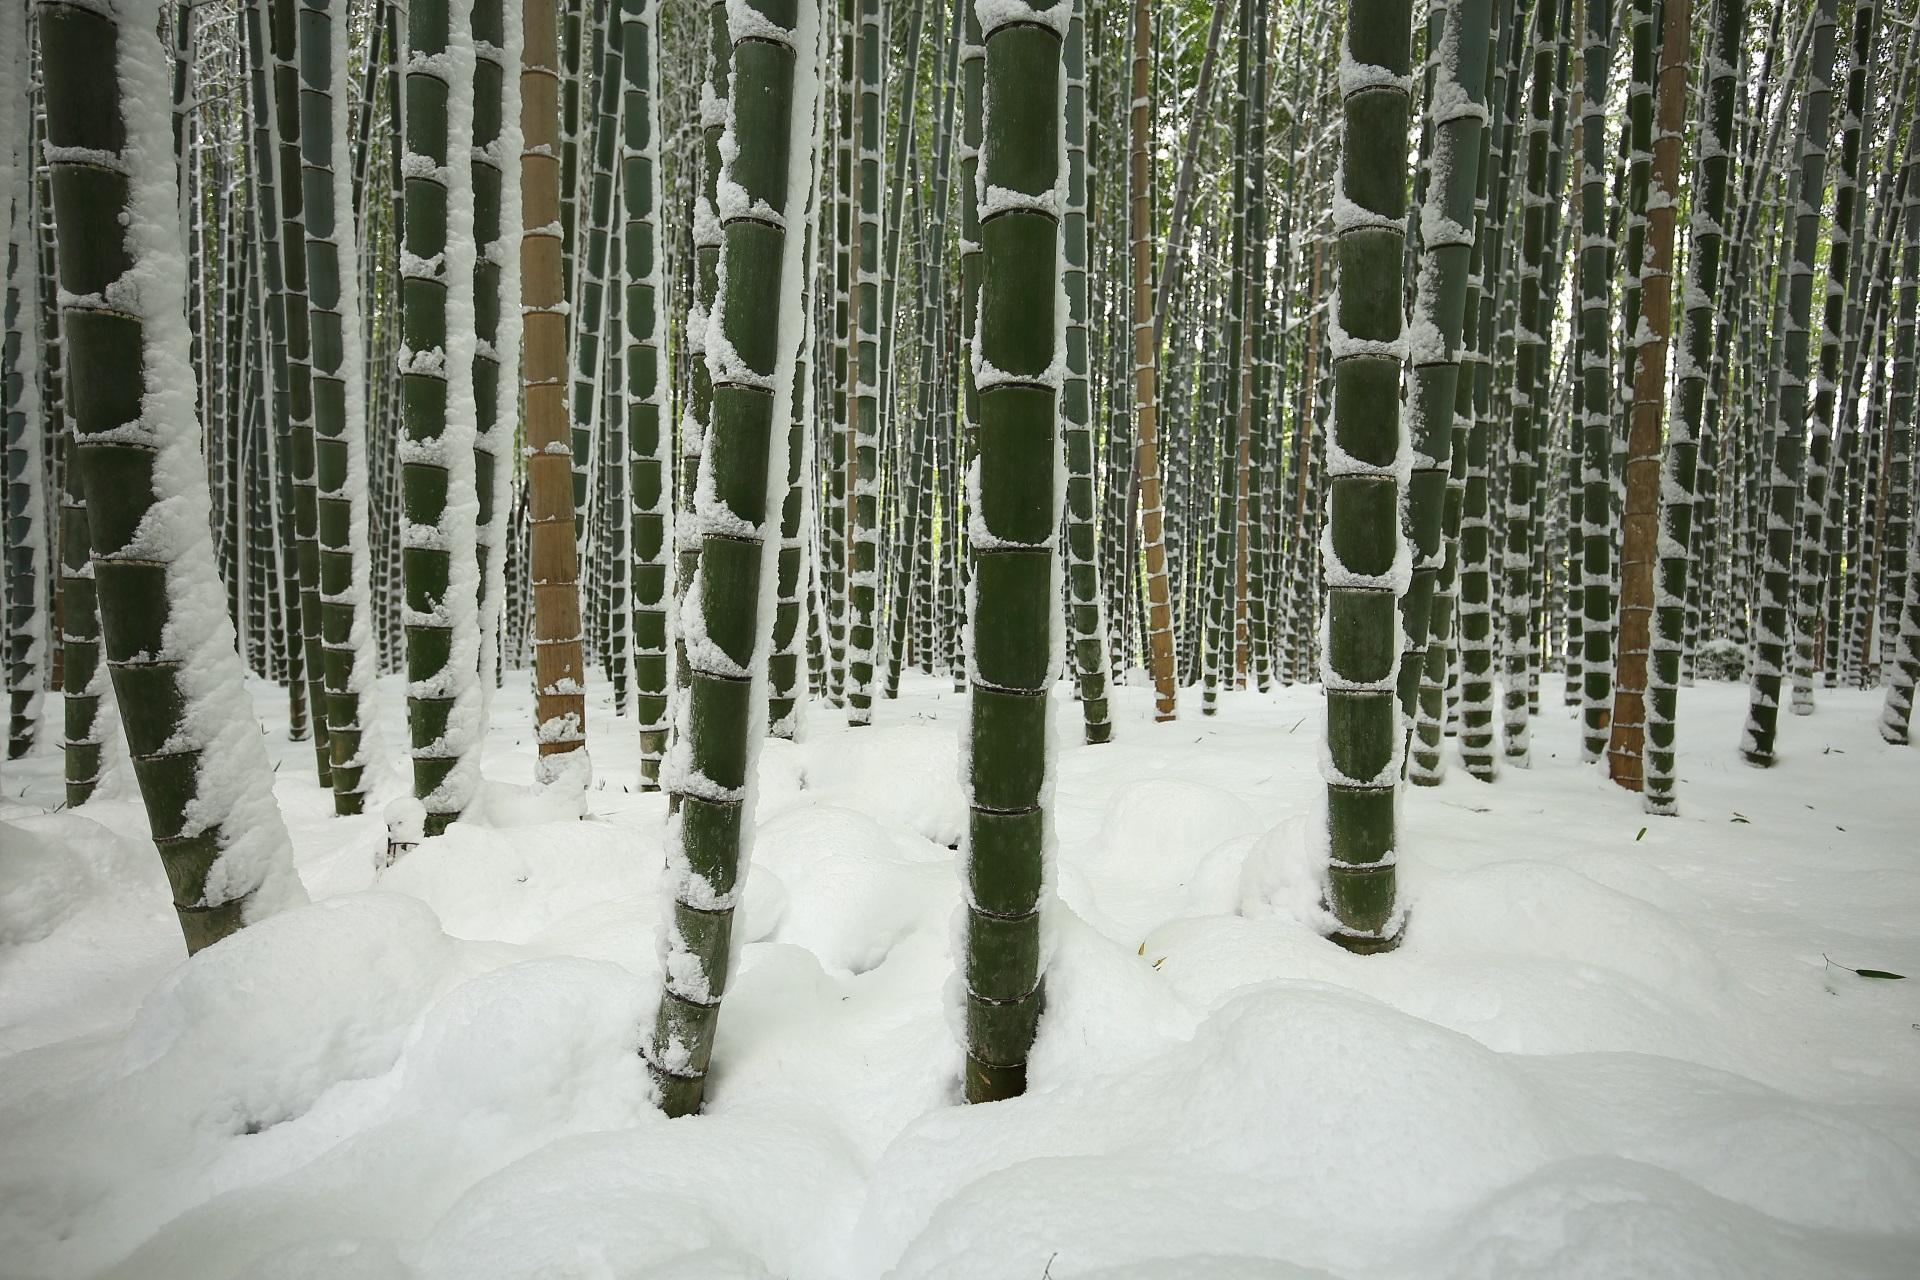 竹の下にもいっぱい雪が積もる竹林の道